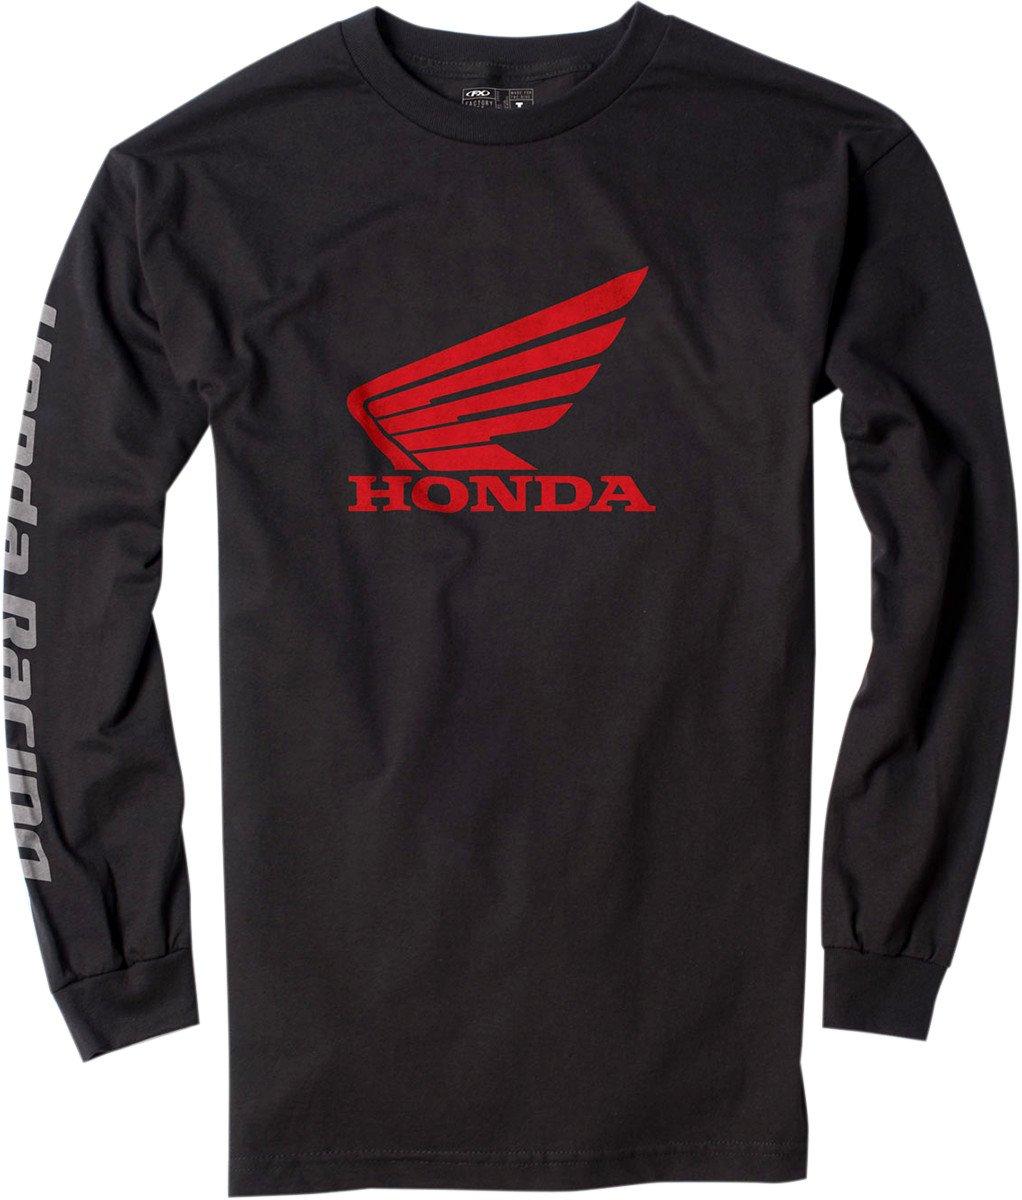 Factory Effex 17-87312 'HONDA' Long Sleeve T-Shirt (Black, Medium)